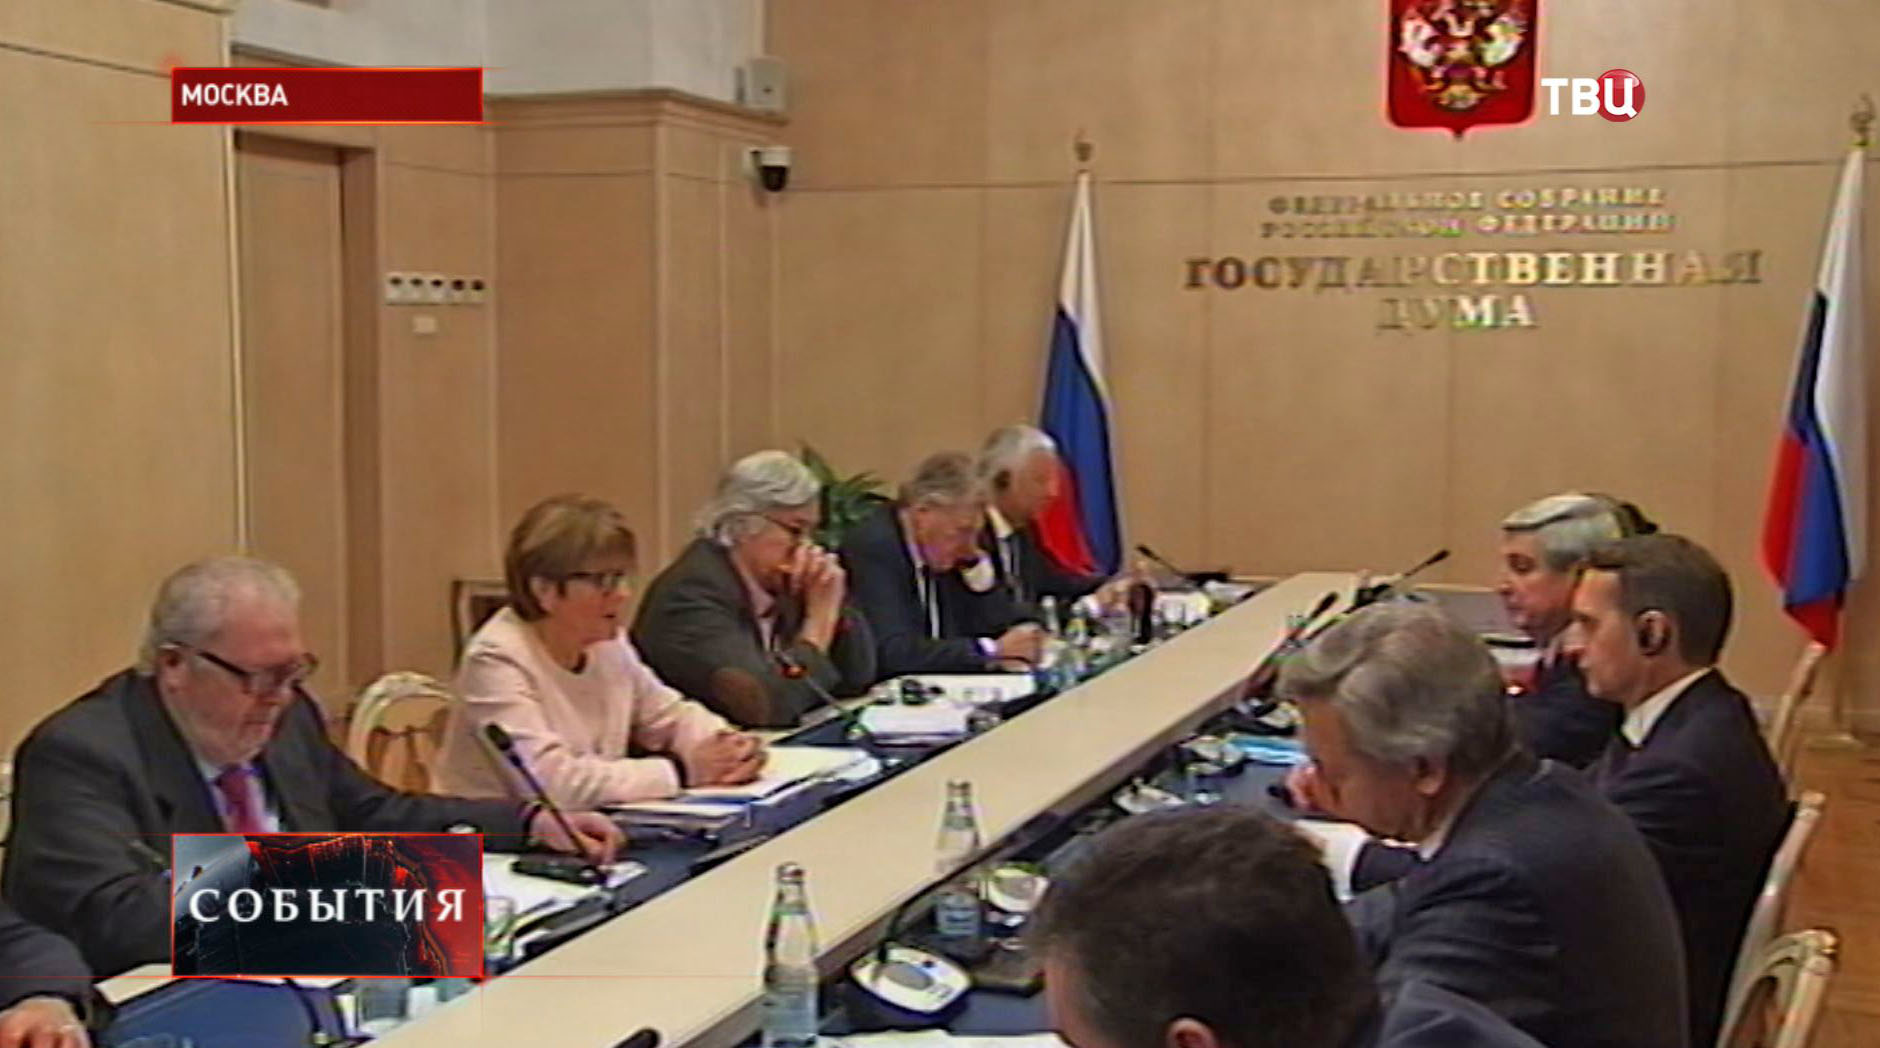 Заседание в Государственной Думе